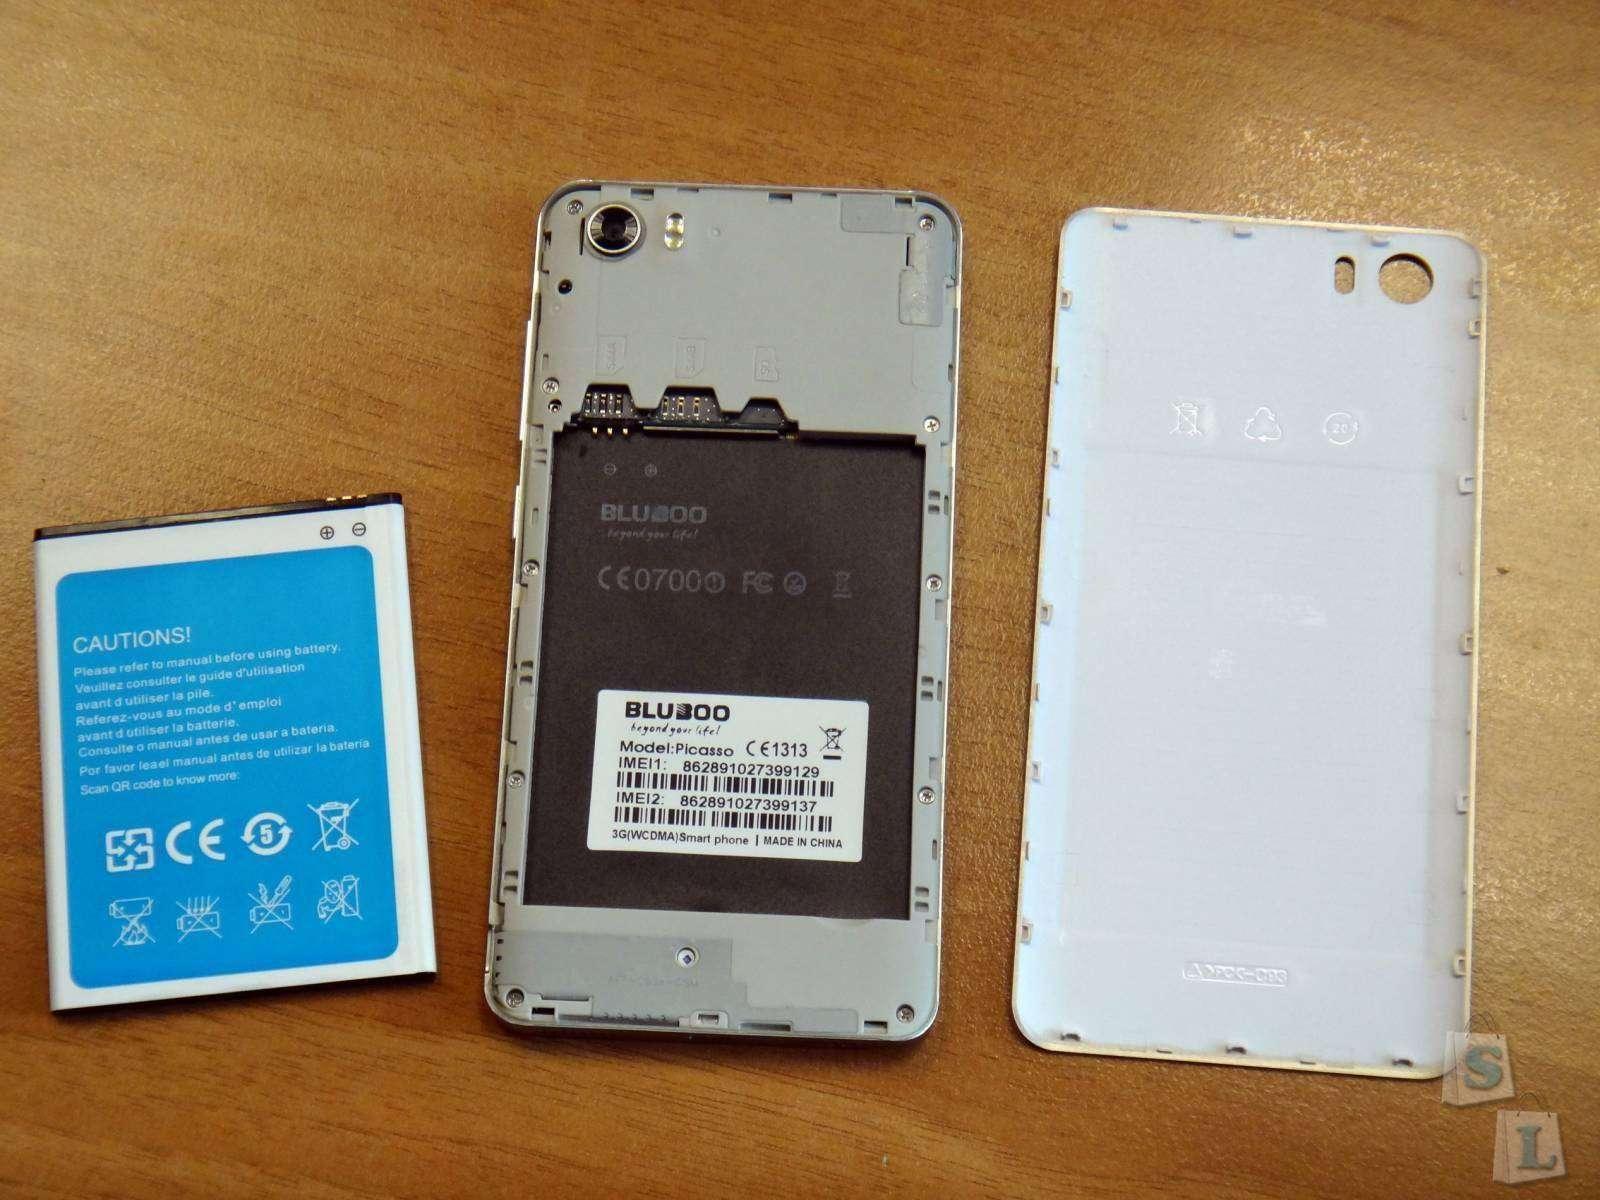 GearBest: Bluboо Picassо стильный и бюджетный смартфон